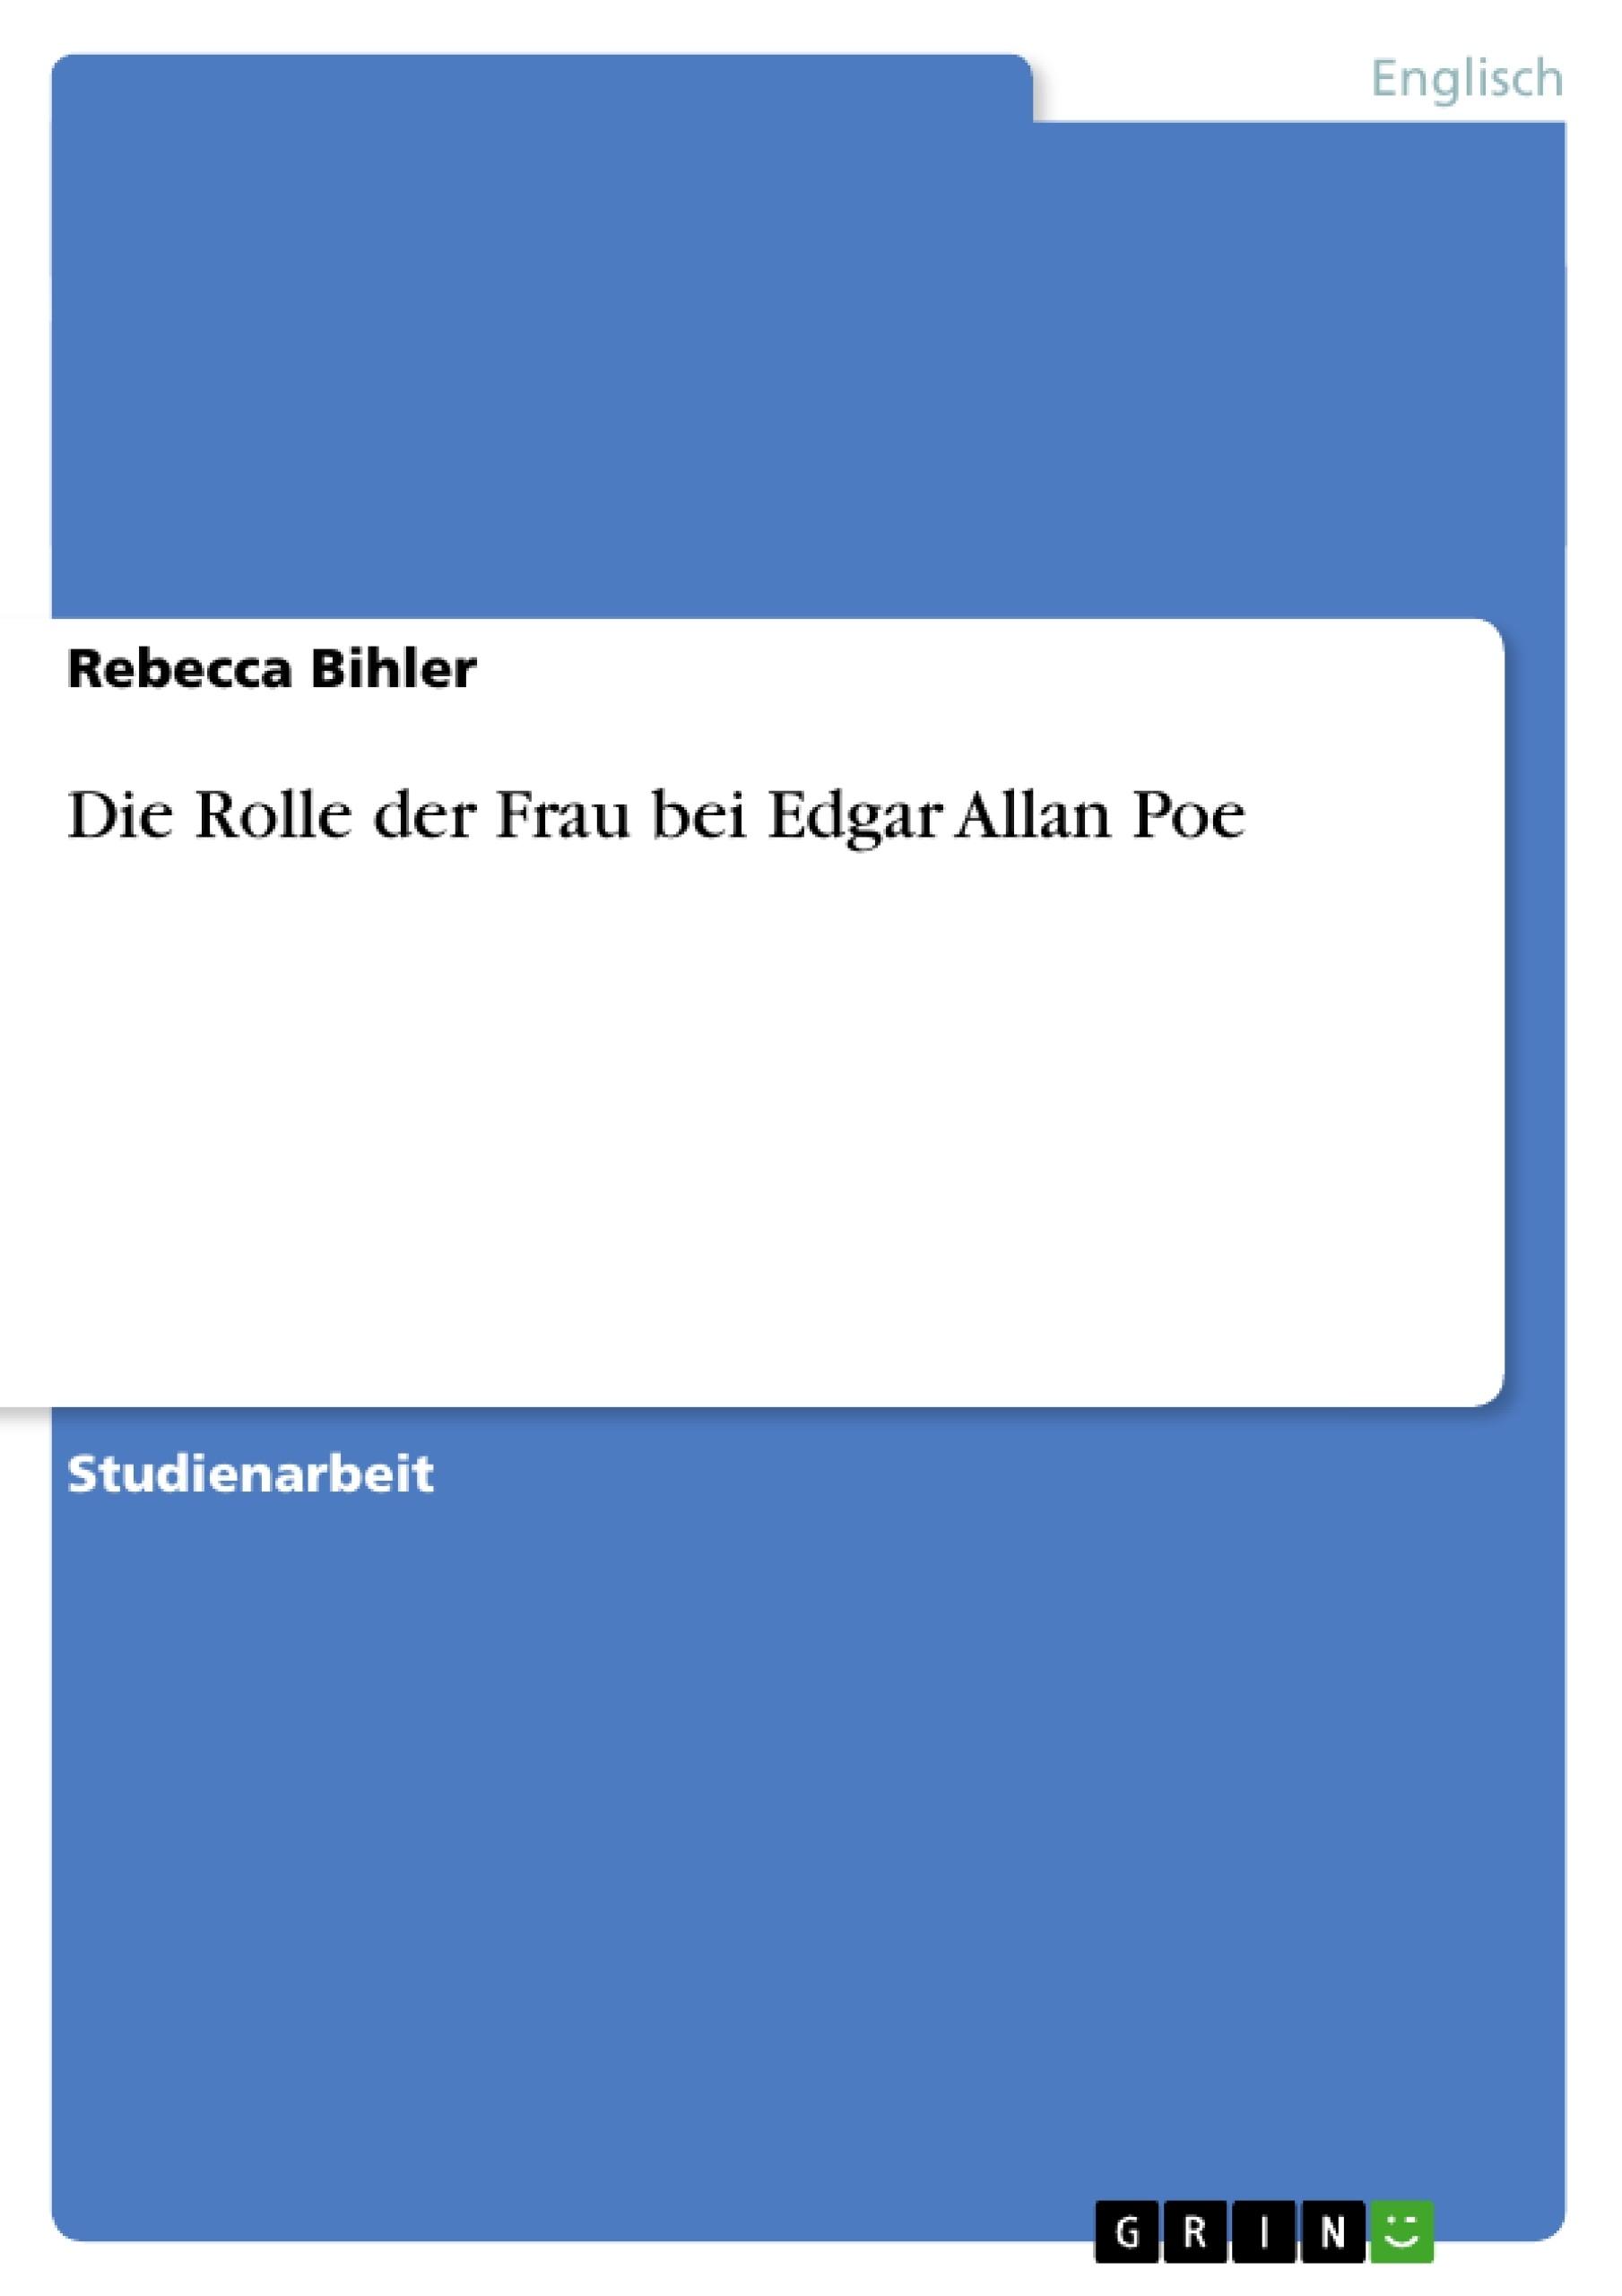 Titel: Die Rolle der Frau bei Edgar Allan Poe